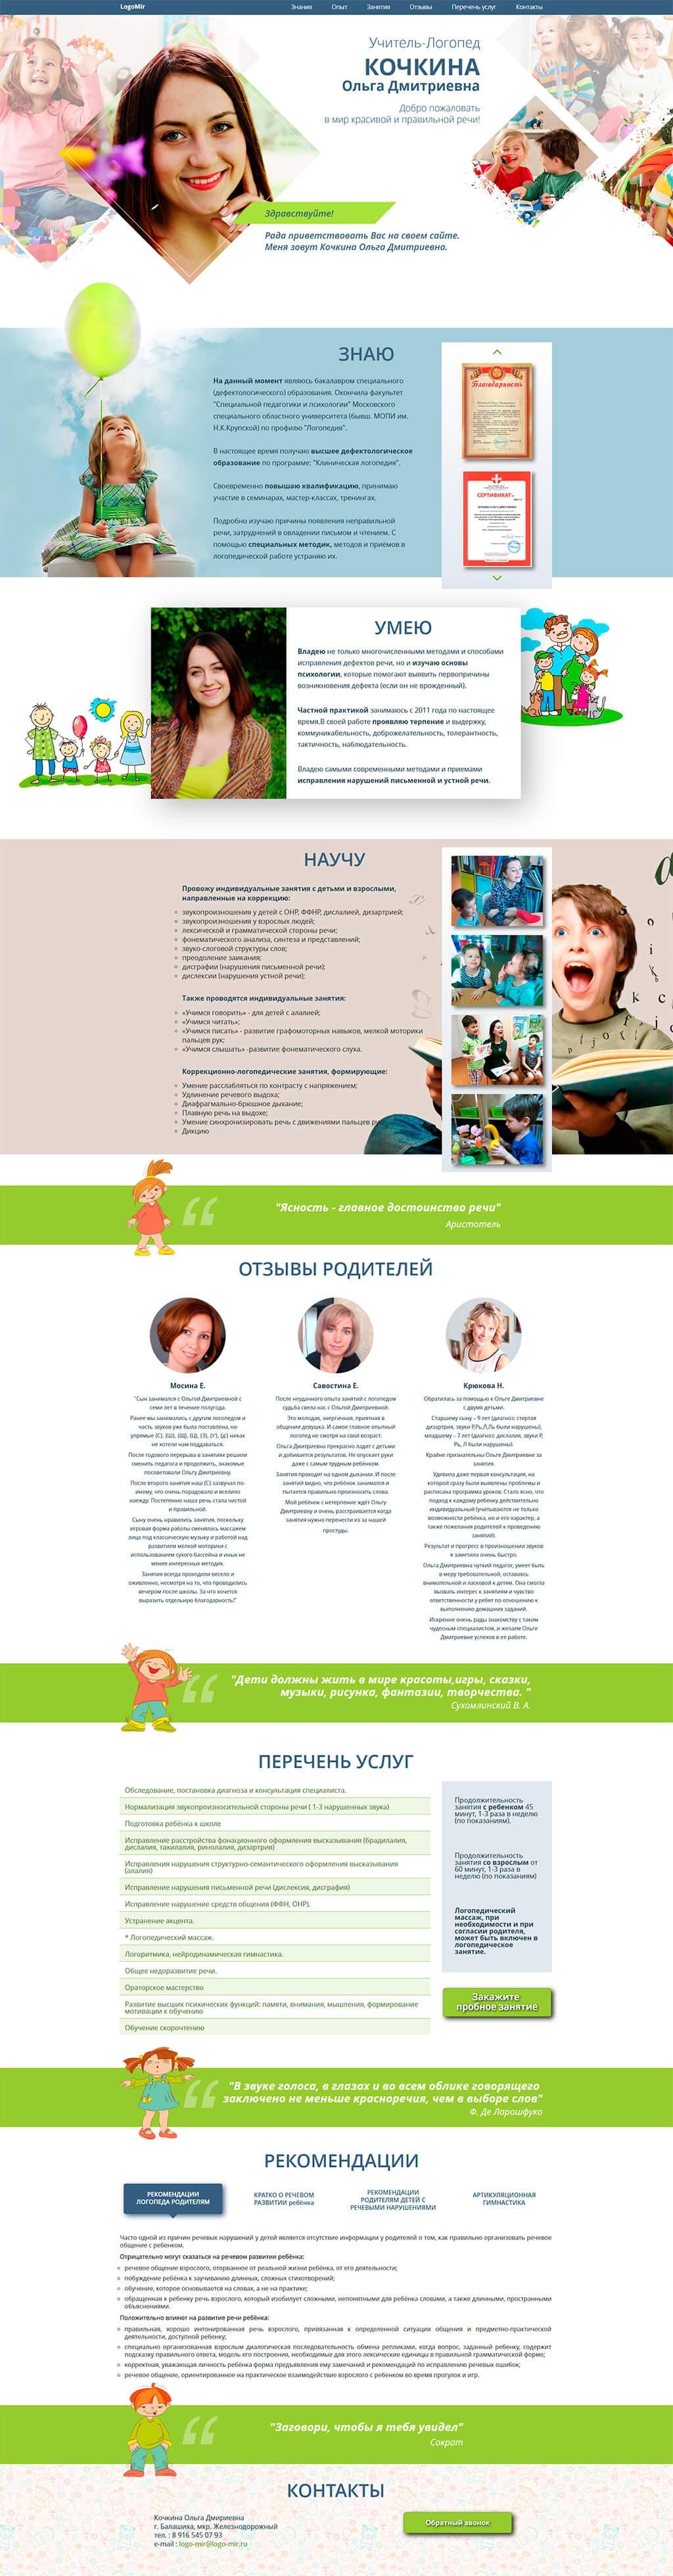 Сайт-визитка услуг логопеда Кочкиной Ольги разработан в веб - студии